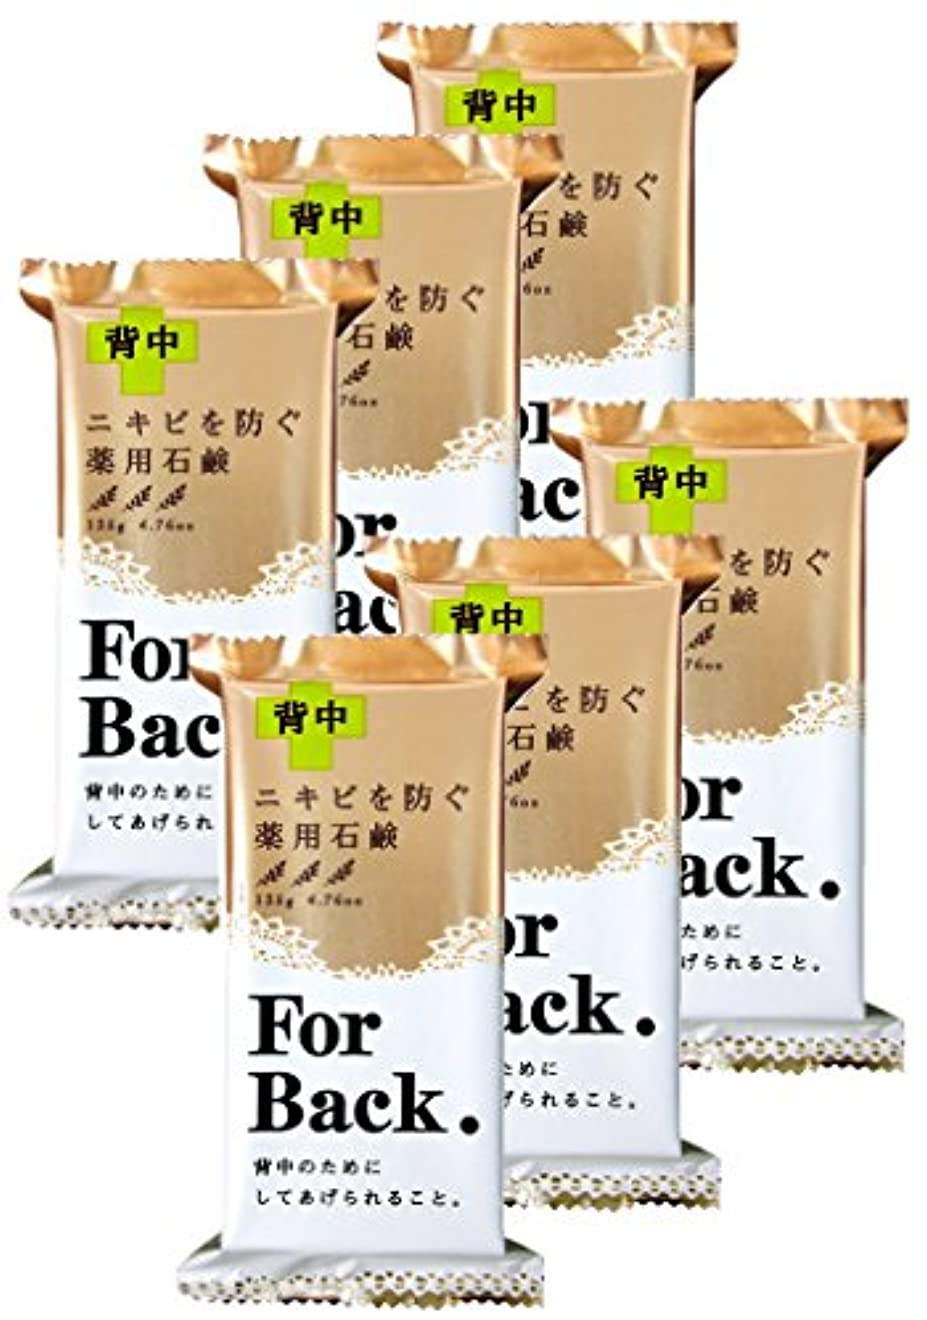 霊つぶすキャンペーンペリカン石鹸 薬用石鹸 ForBack 135g×6個